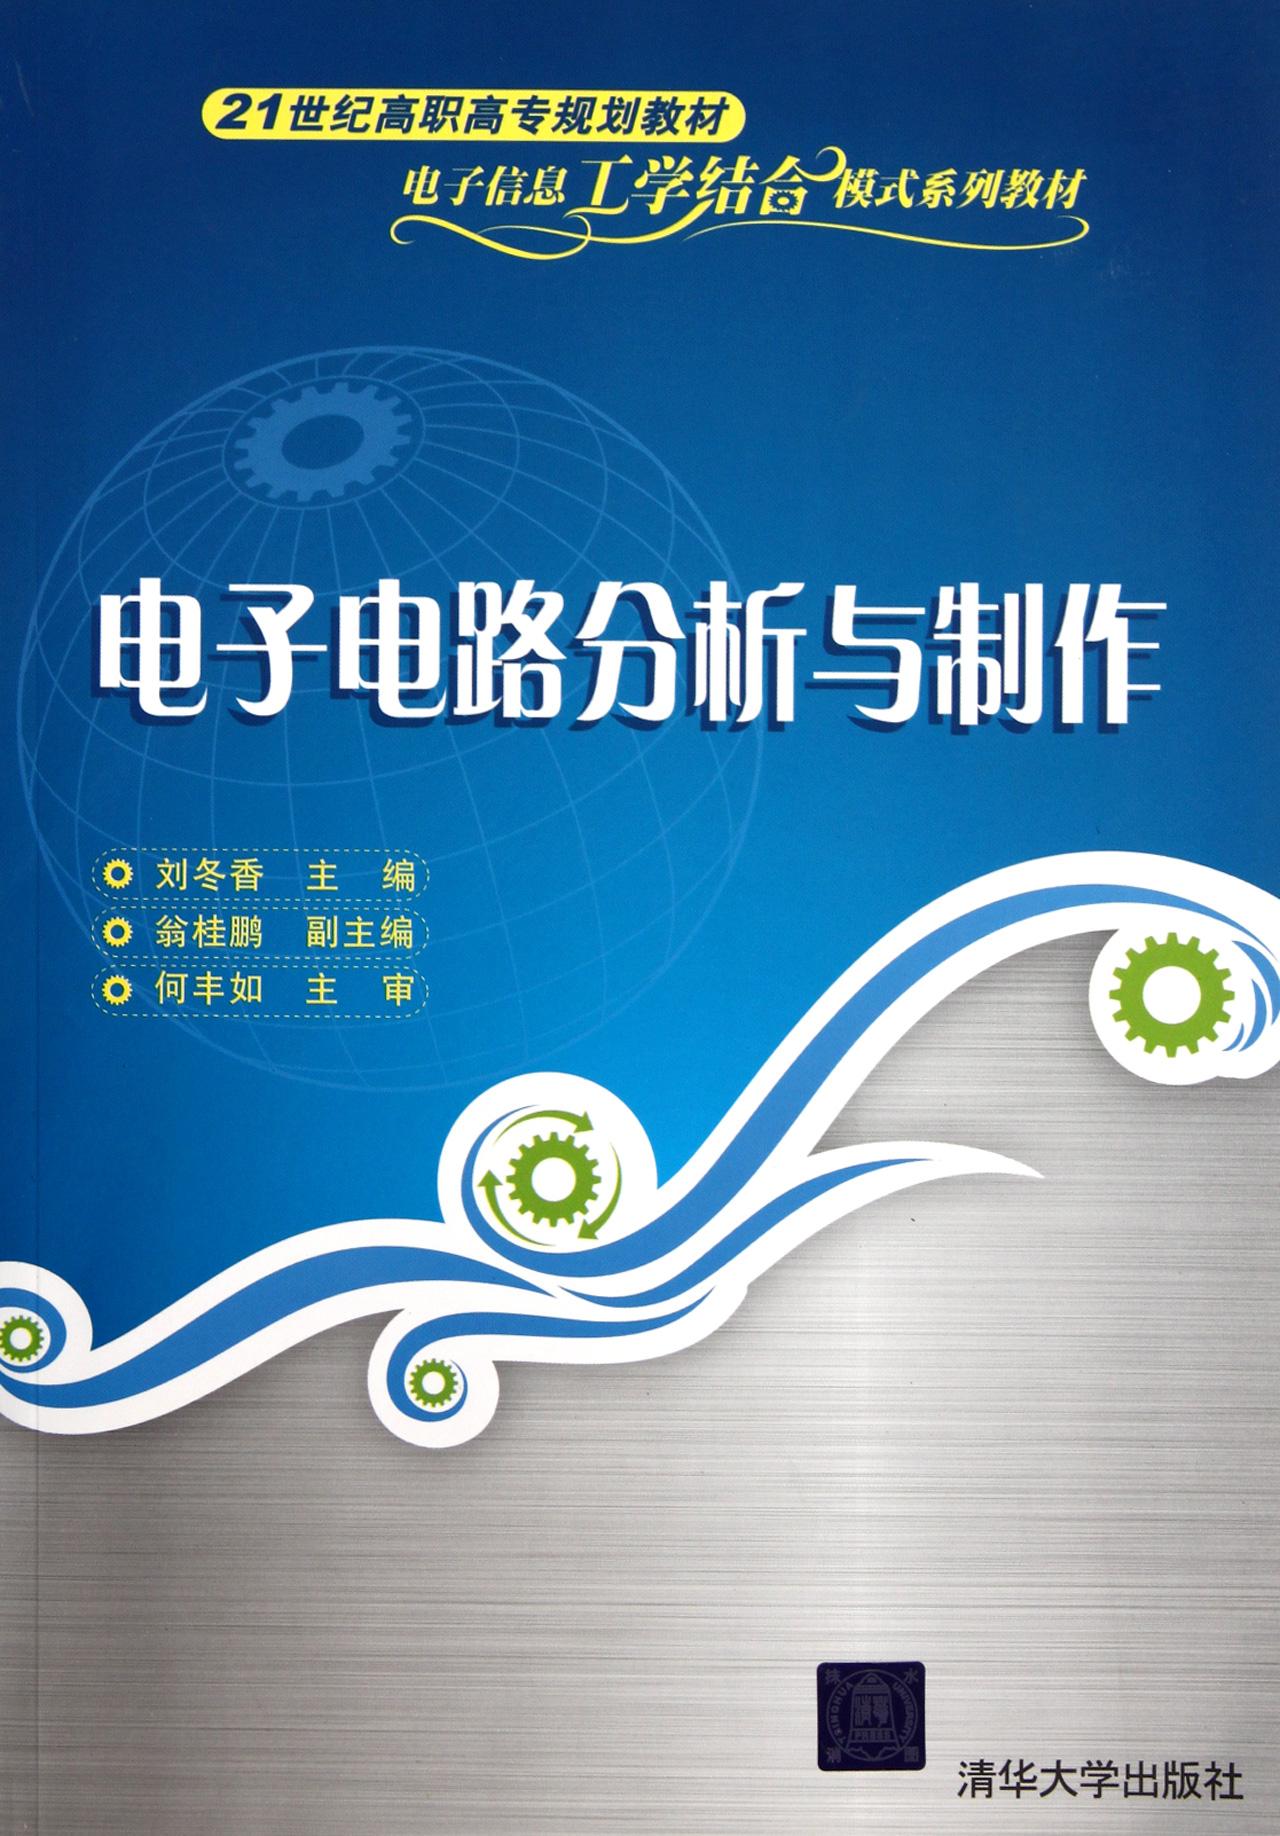 电子电路分析与制作(电子信息工学结合模式系列教材